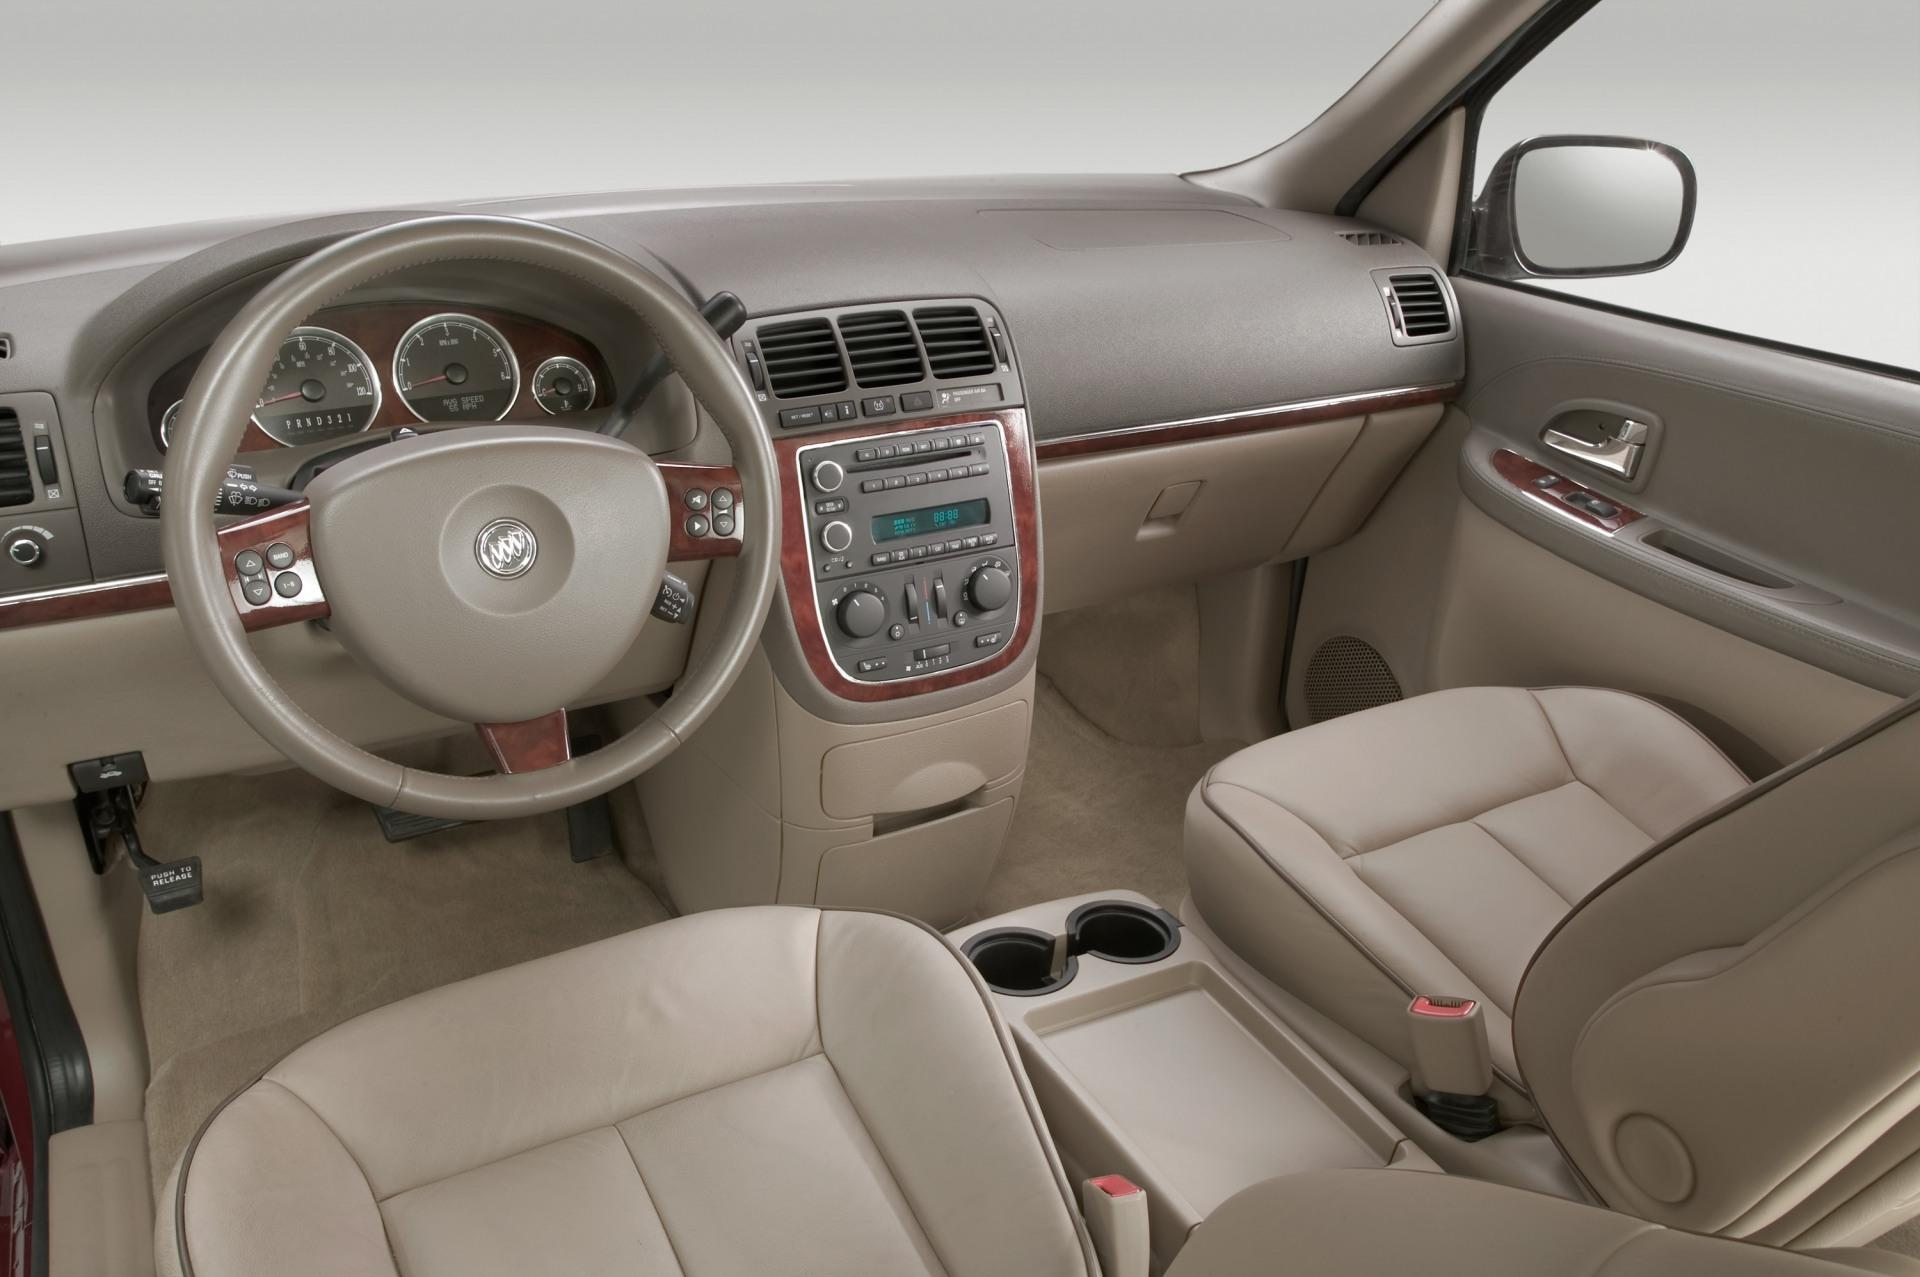 2005 Buick Terraza